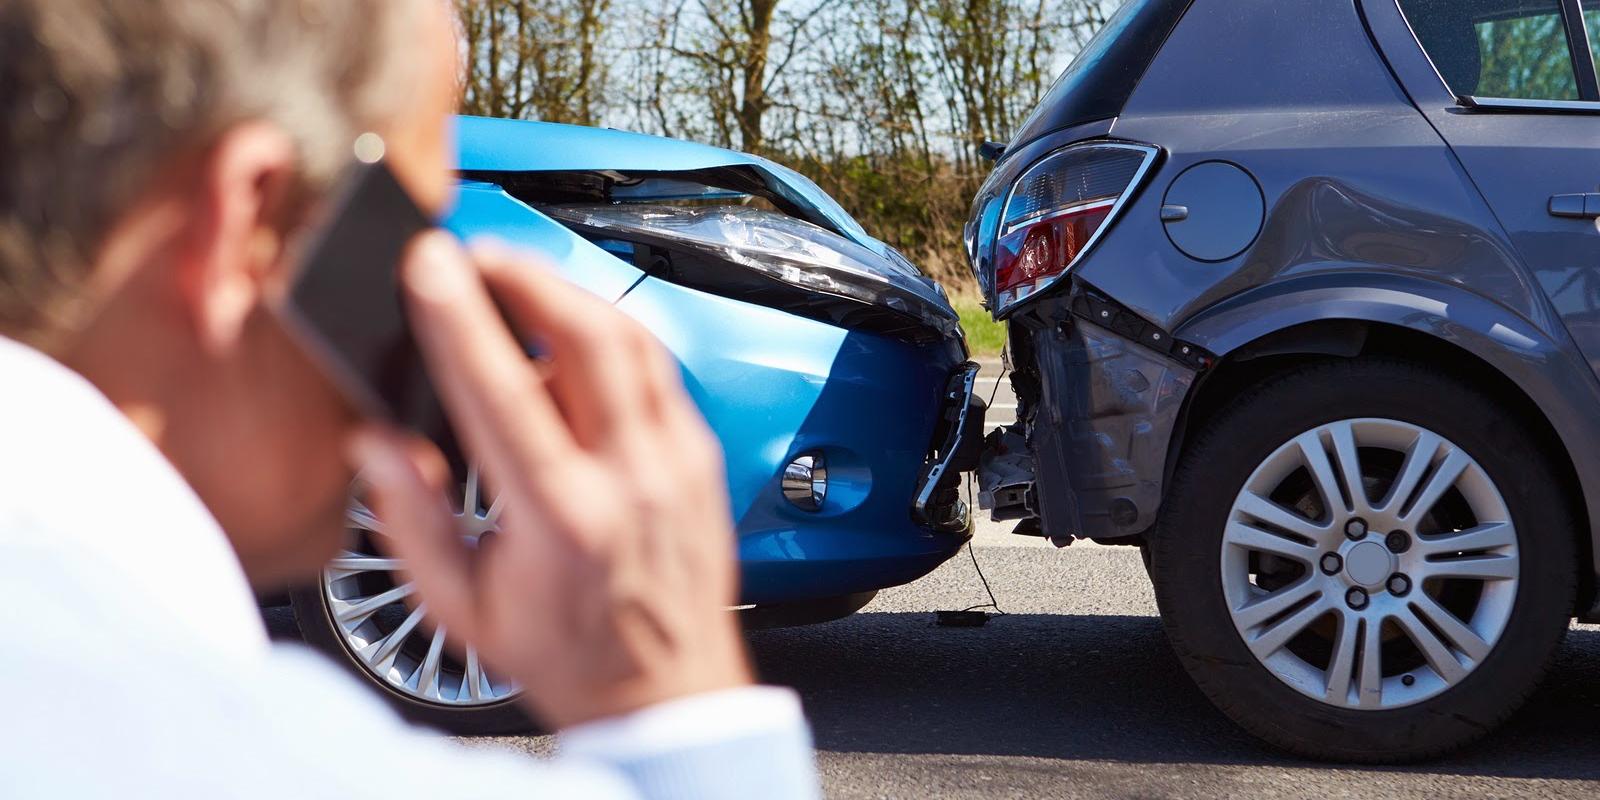 Trafik Kazaları Davası Avukatının Önemi Nedir